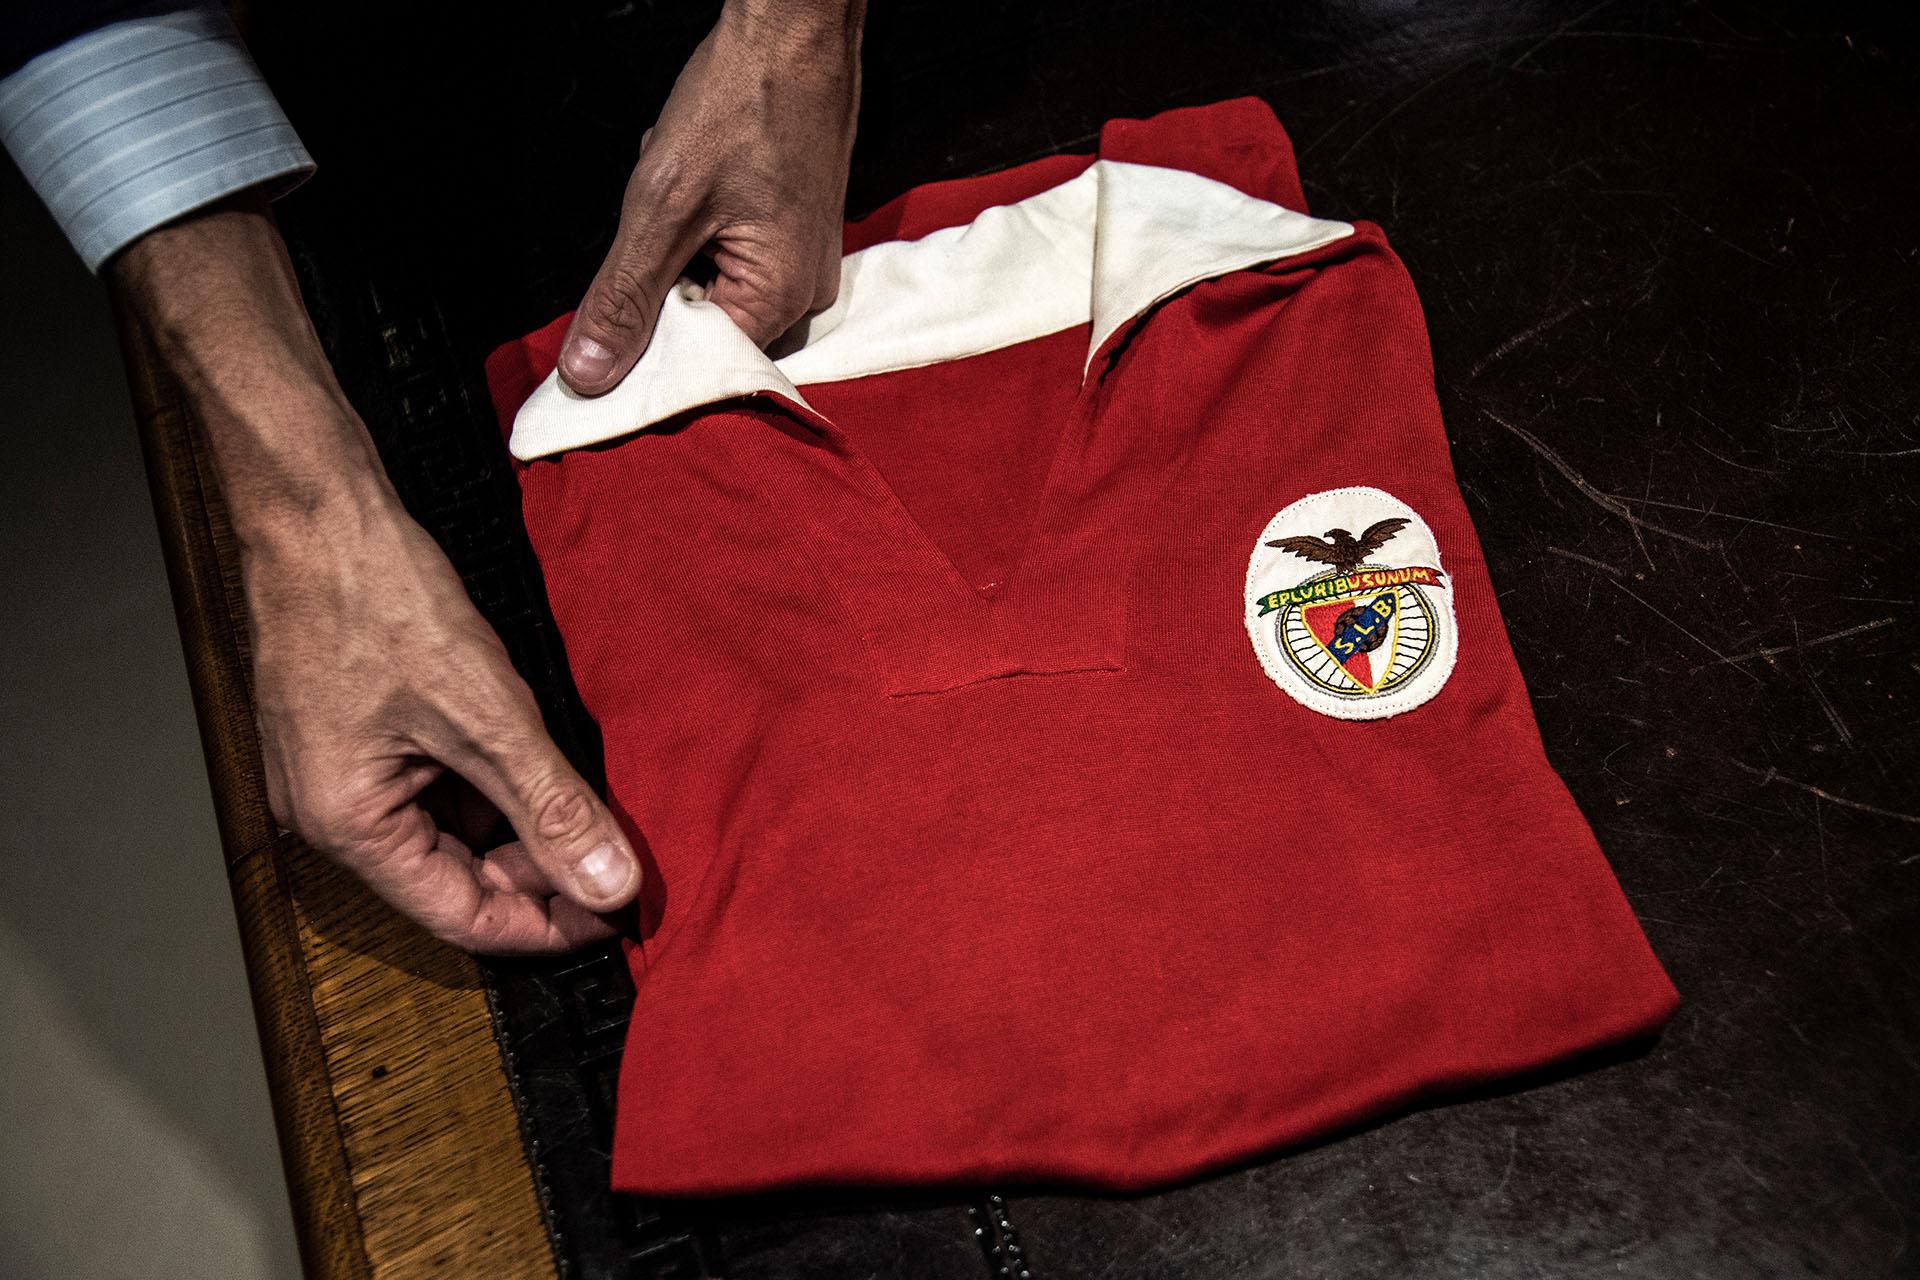 Una reliquida del Benfica usada por Raúl Machado correspondiente a la temporada 62/63: fue durante un partido contra el Milan por Champions League (Photo by MARCO BERTORELLO / AFP)